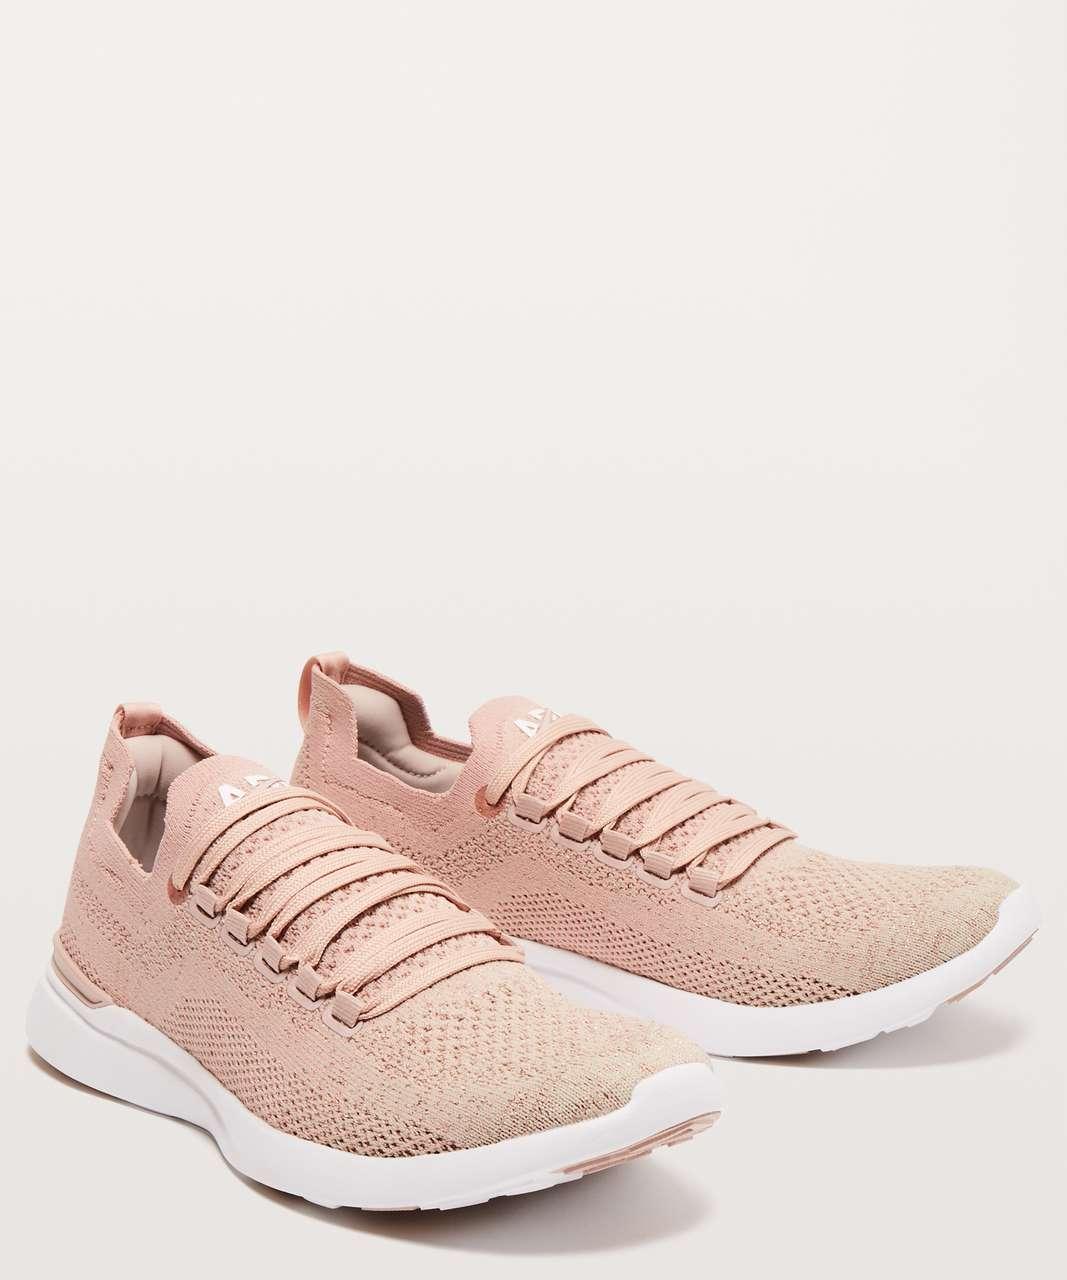 Lululemon Womens TechLoom Breeze Shoe